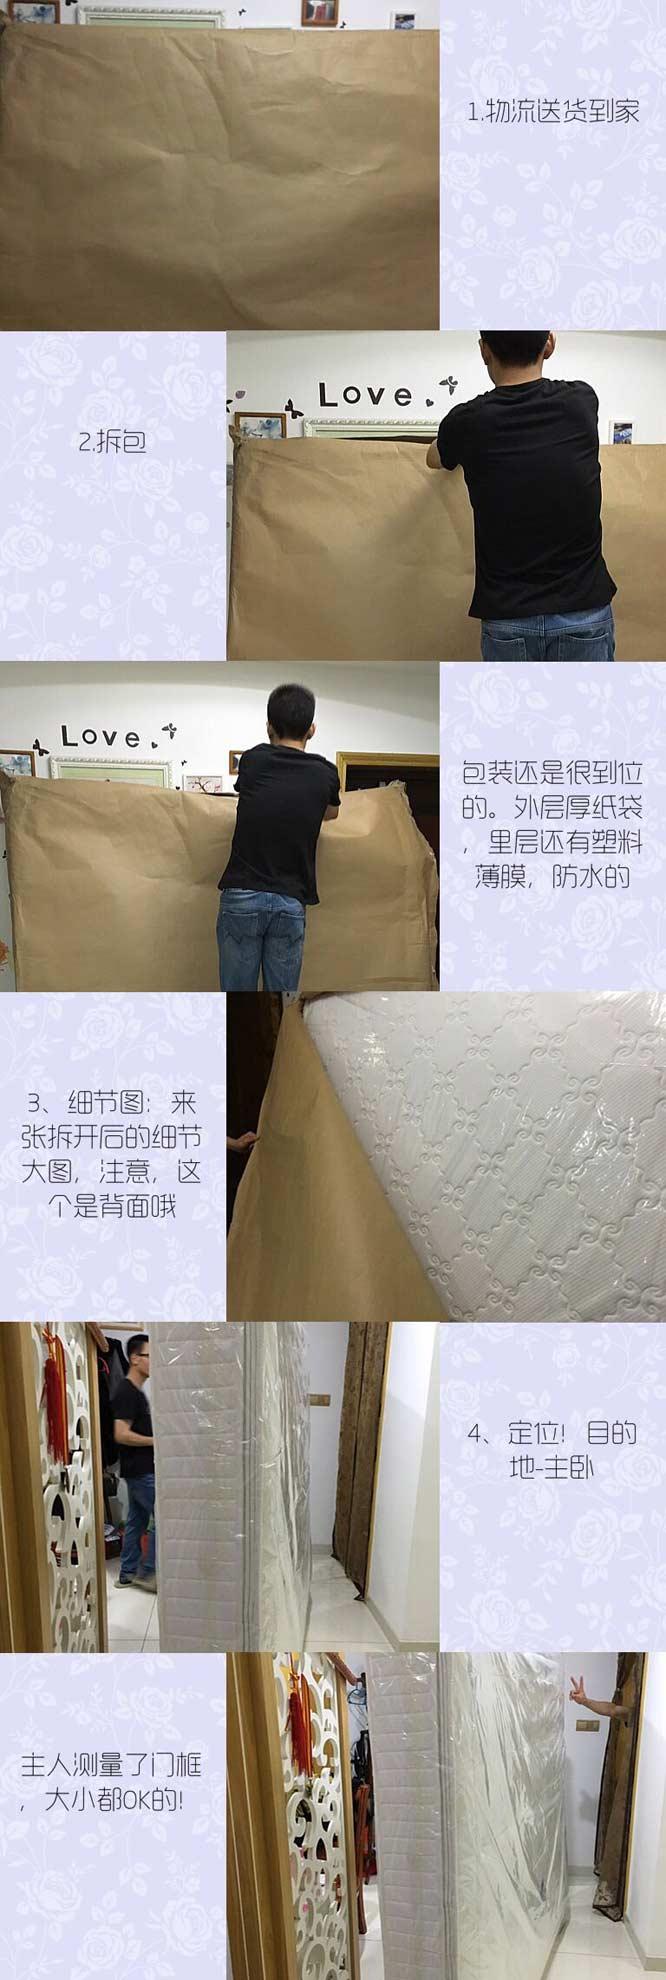 床垫外包装